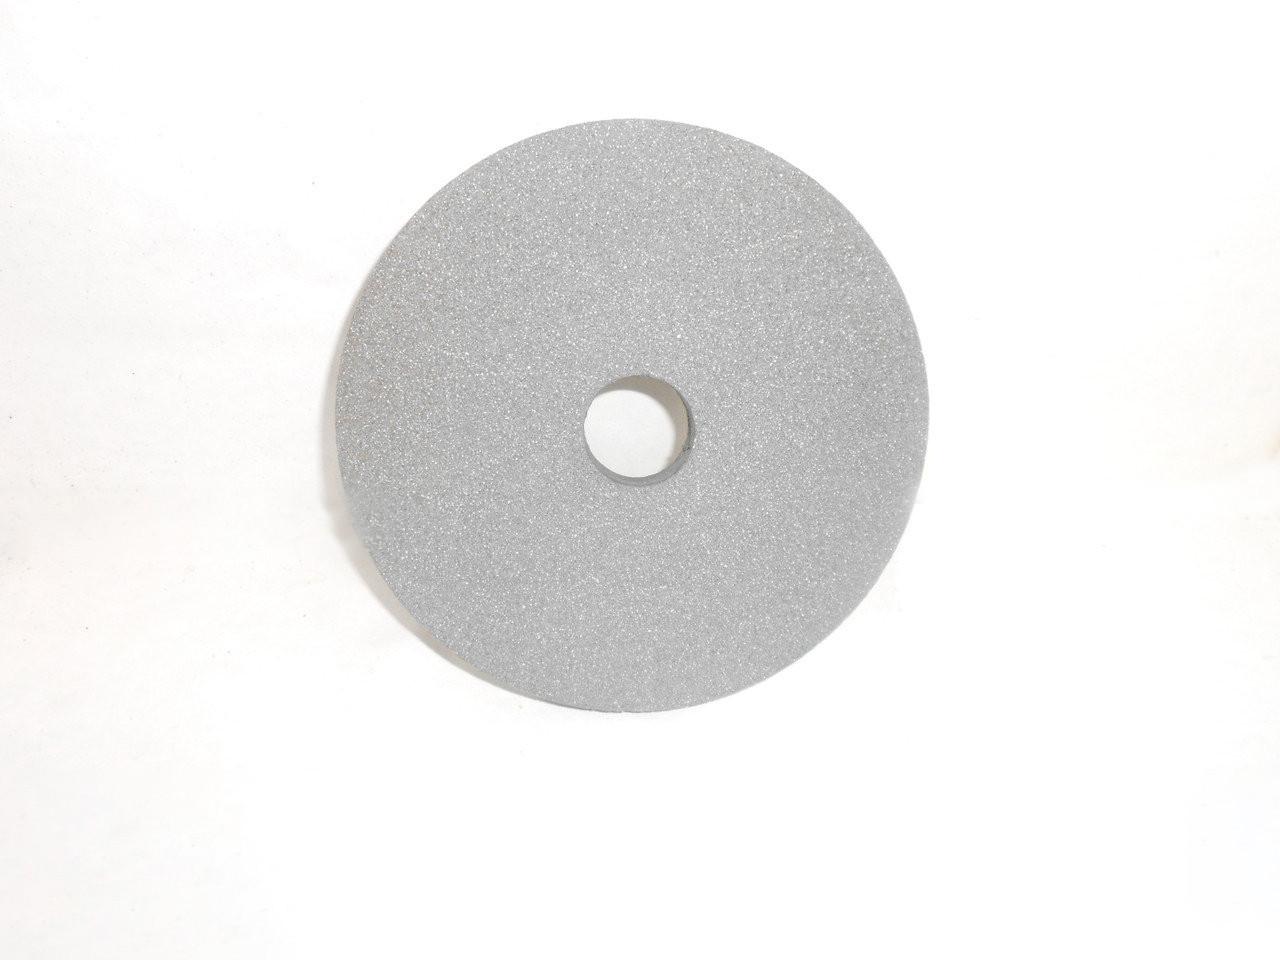 Круг шлифовальный 14А ПП 350х8х127  16-40 СМ-СТ